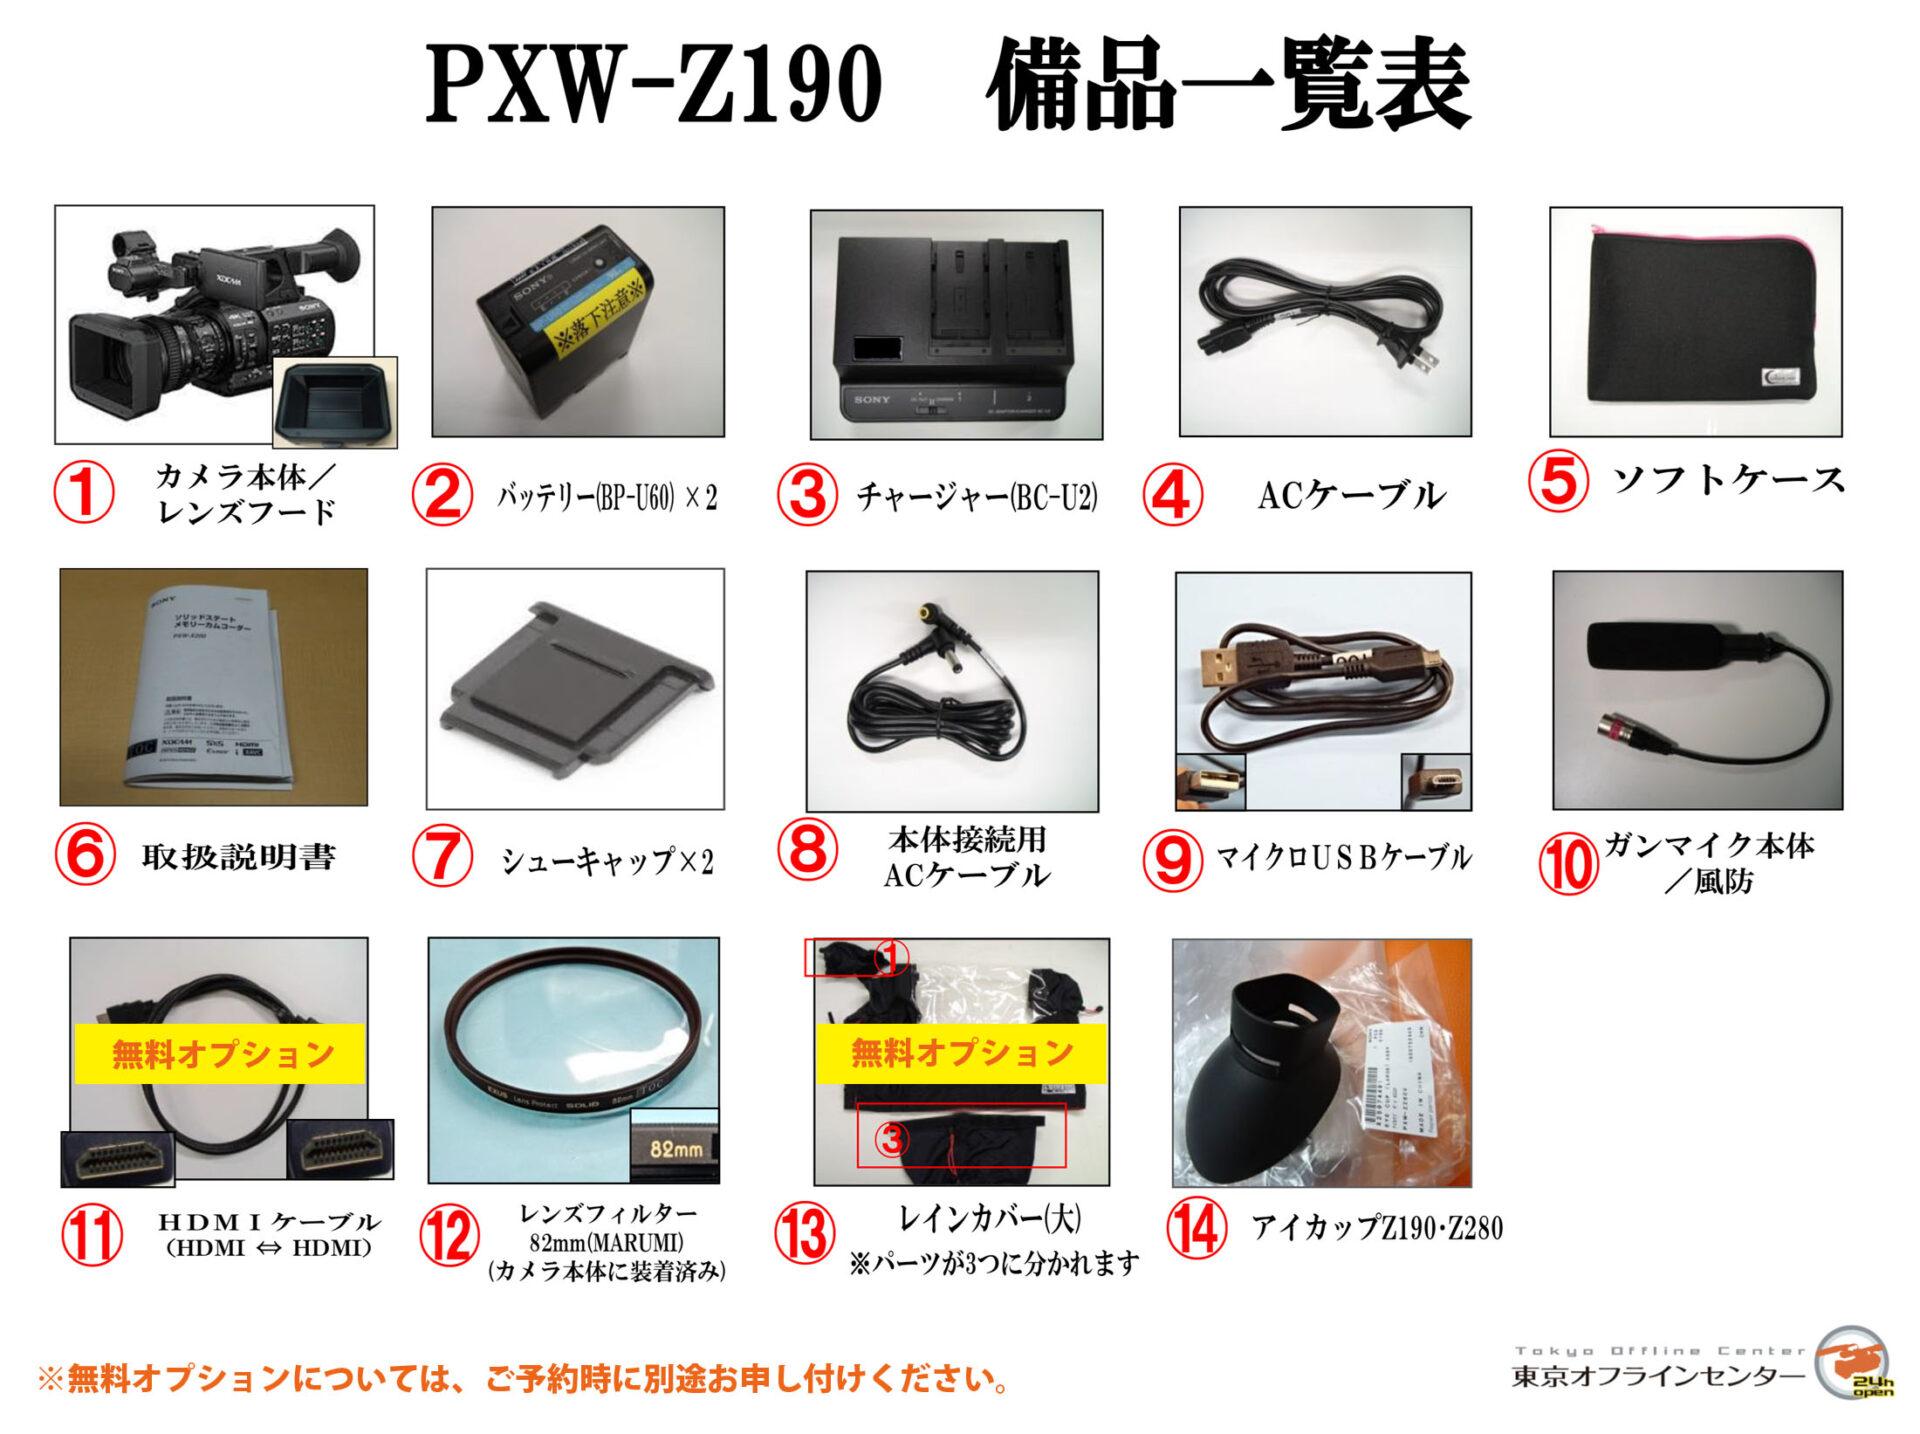 PXW-Z190